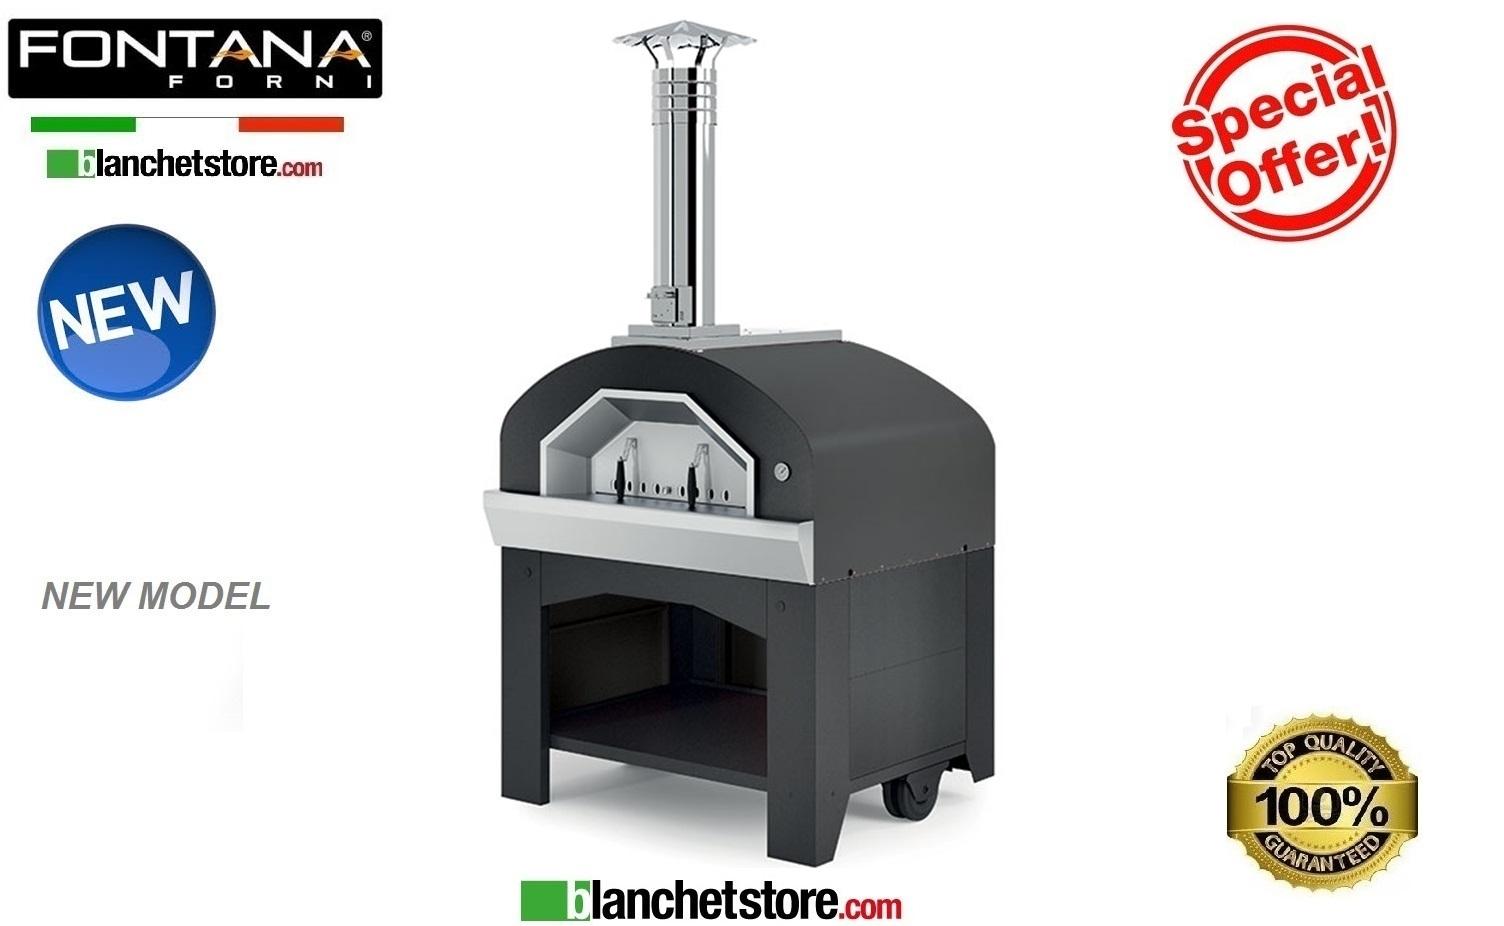 Forni per pizza Fontana Vulcano : BlanchetStore.com, Il miglior ...